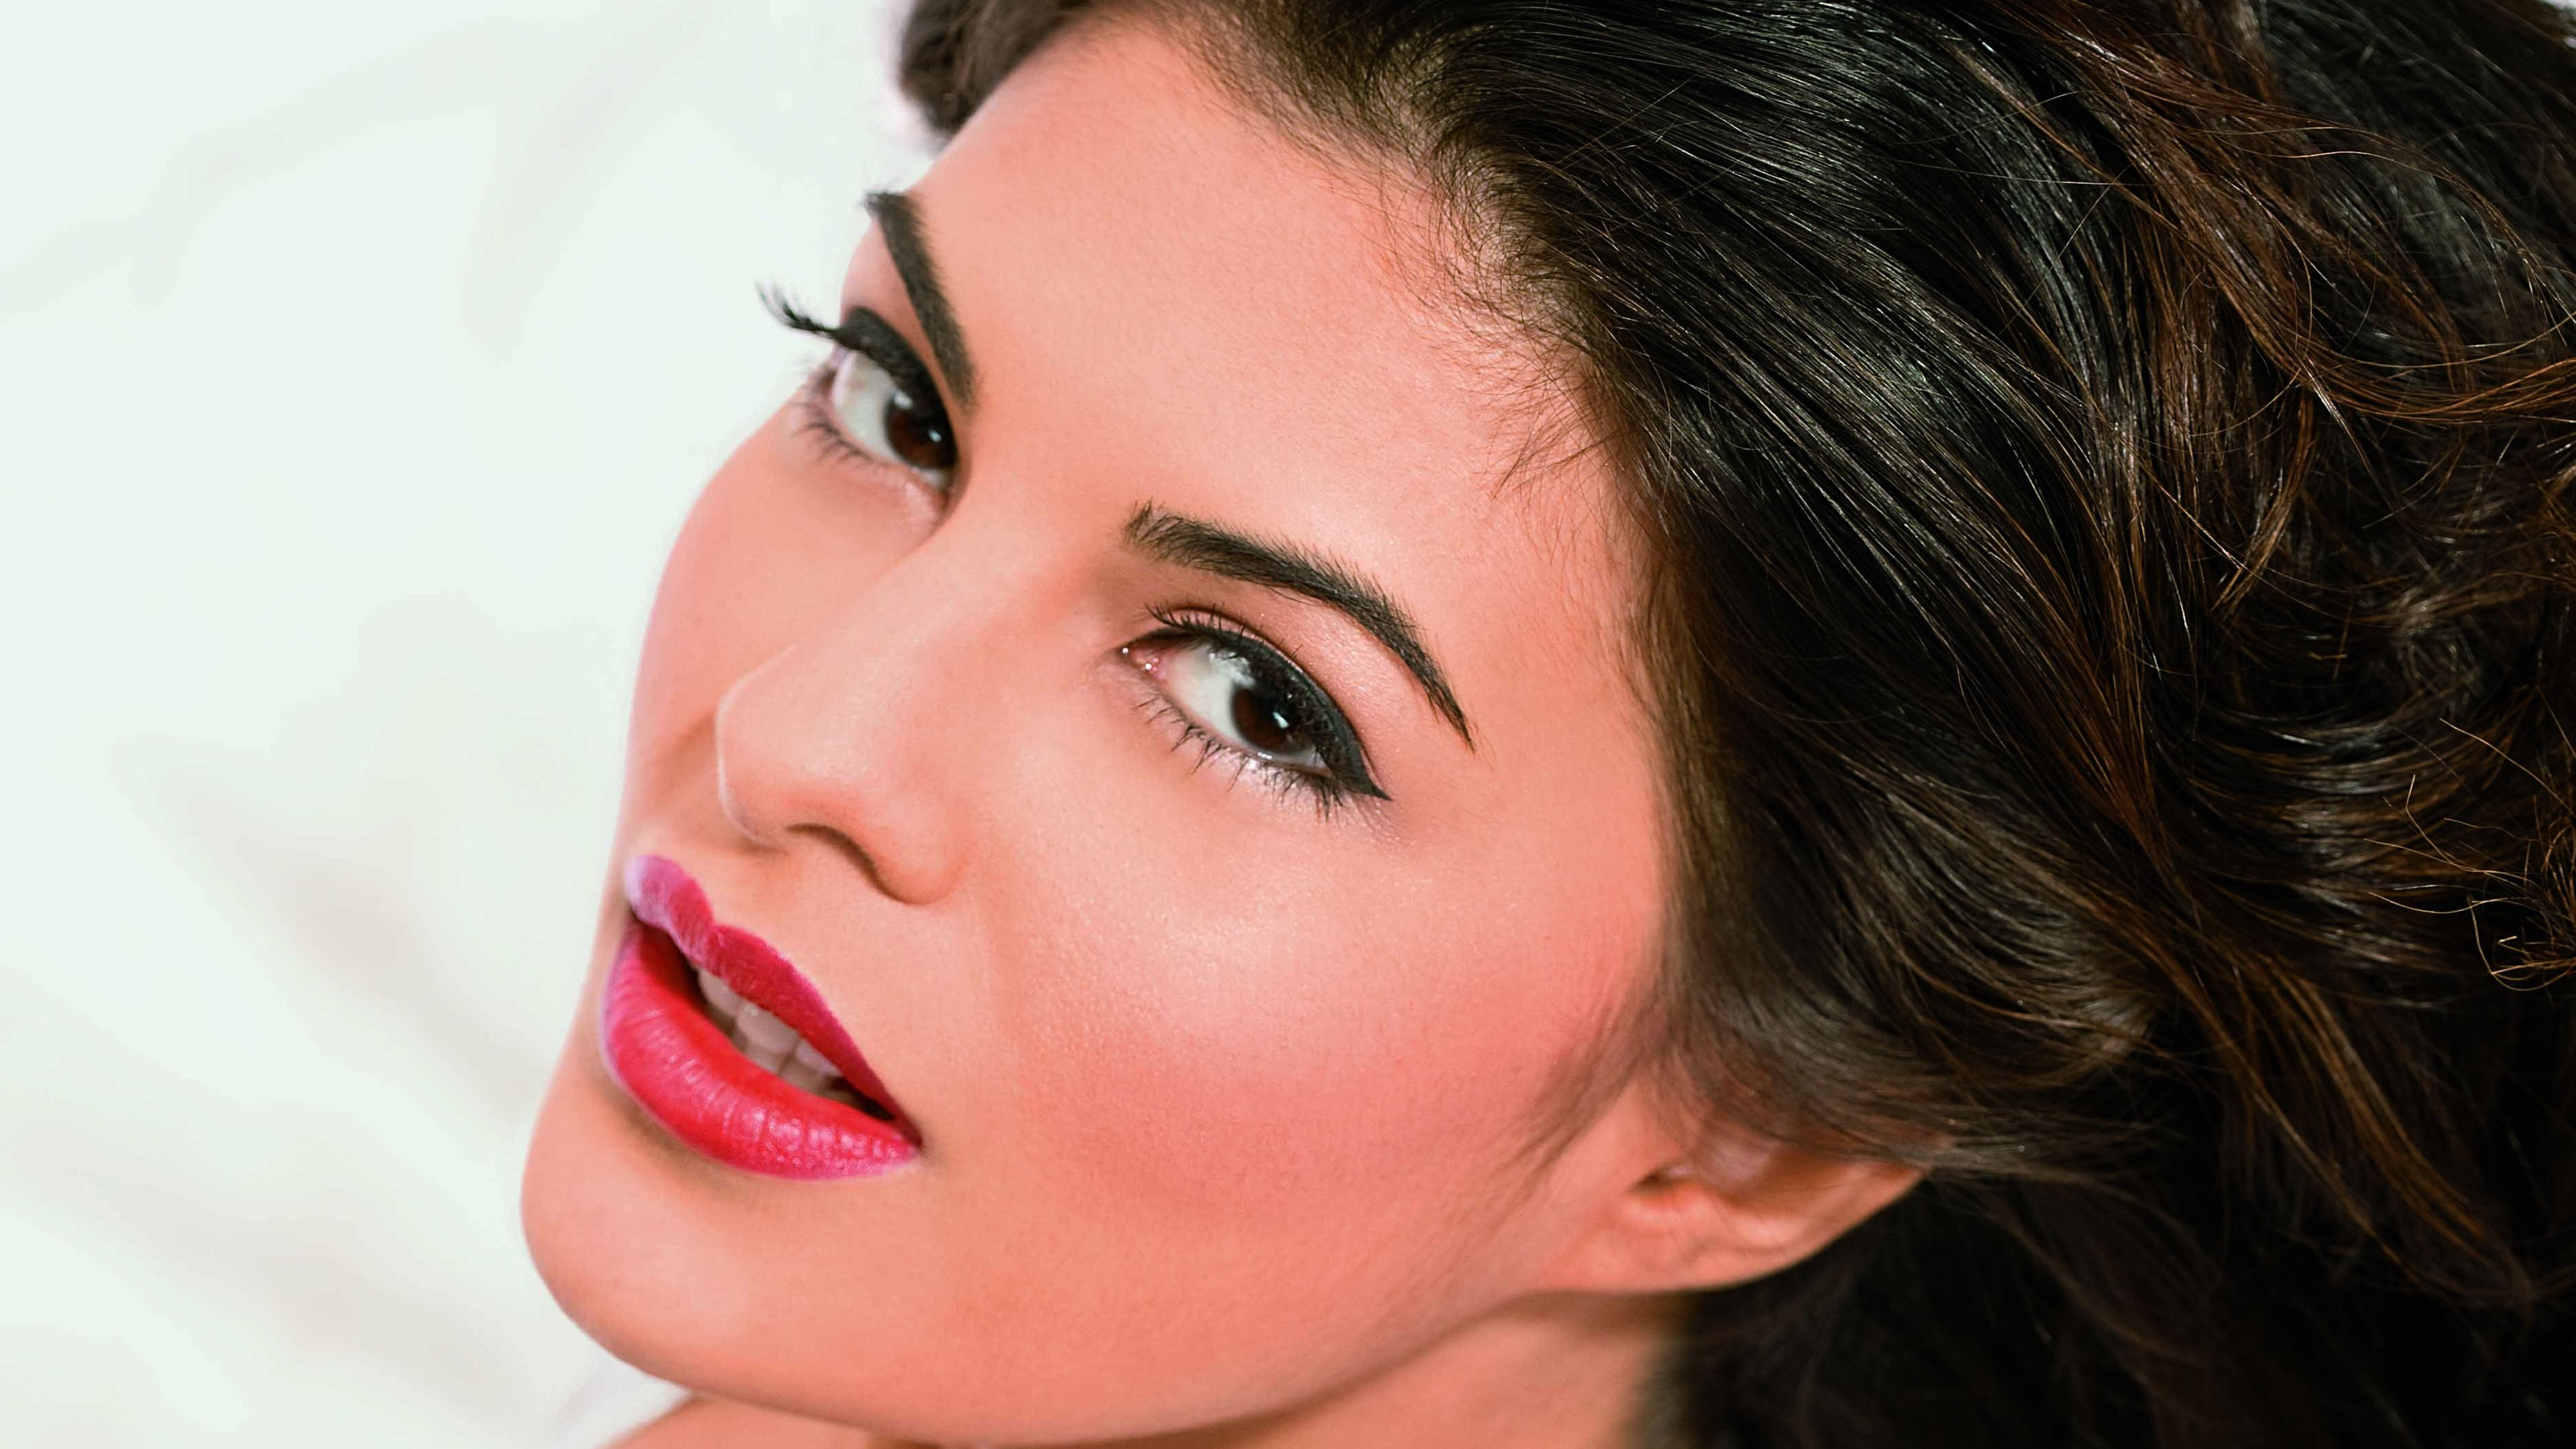 Cute Jacqueline Fernandez ultra hd Wallpaper 3840x2160